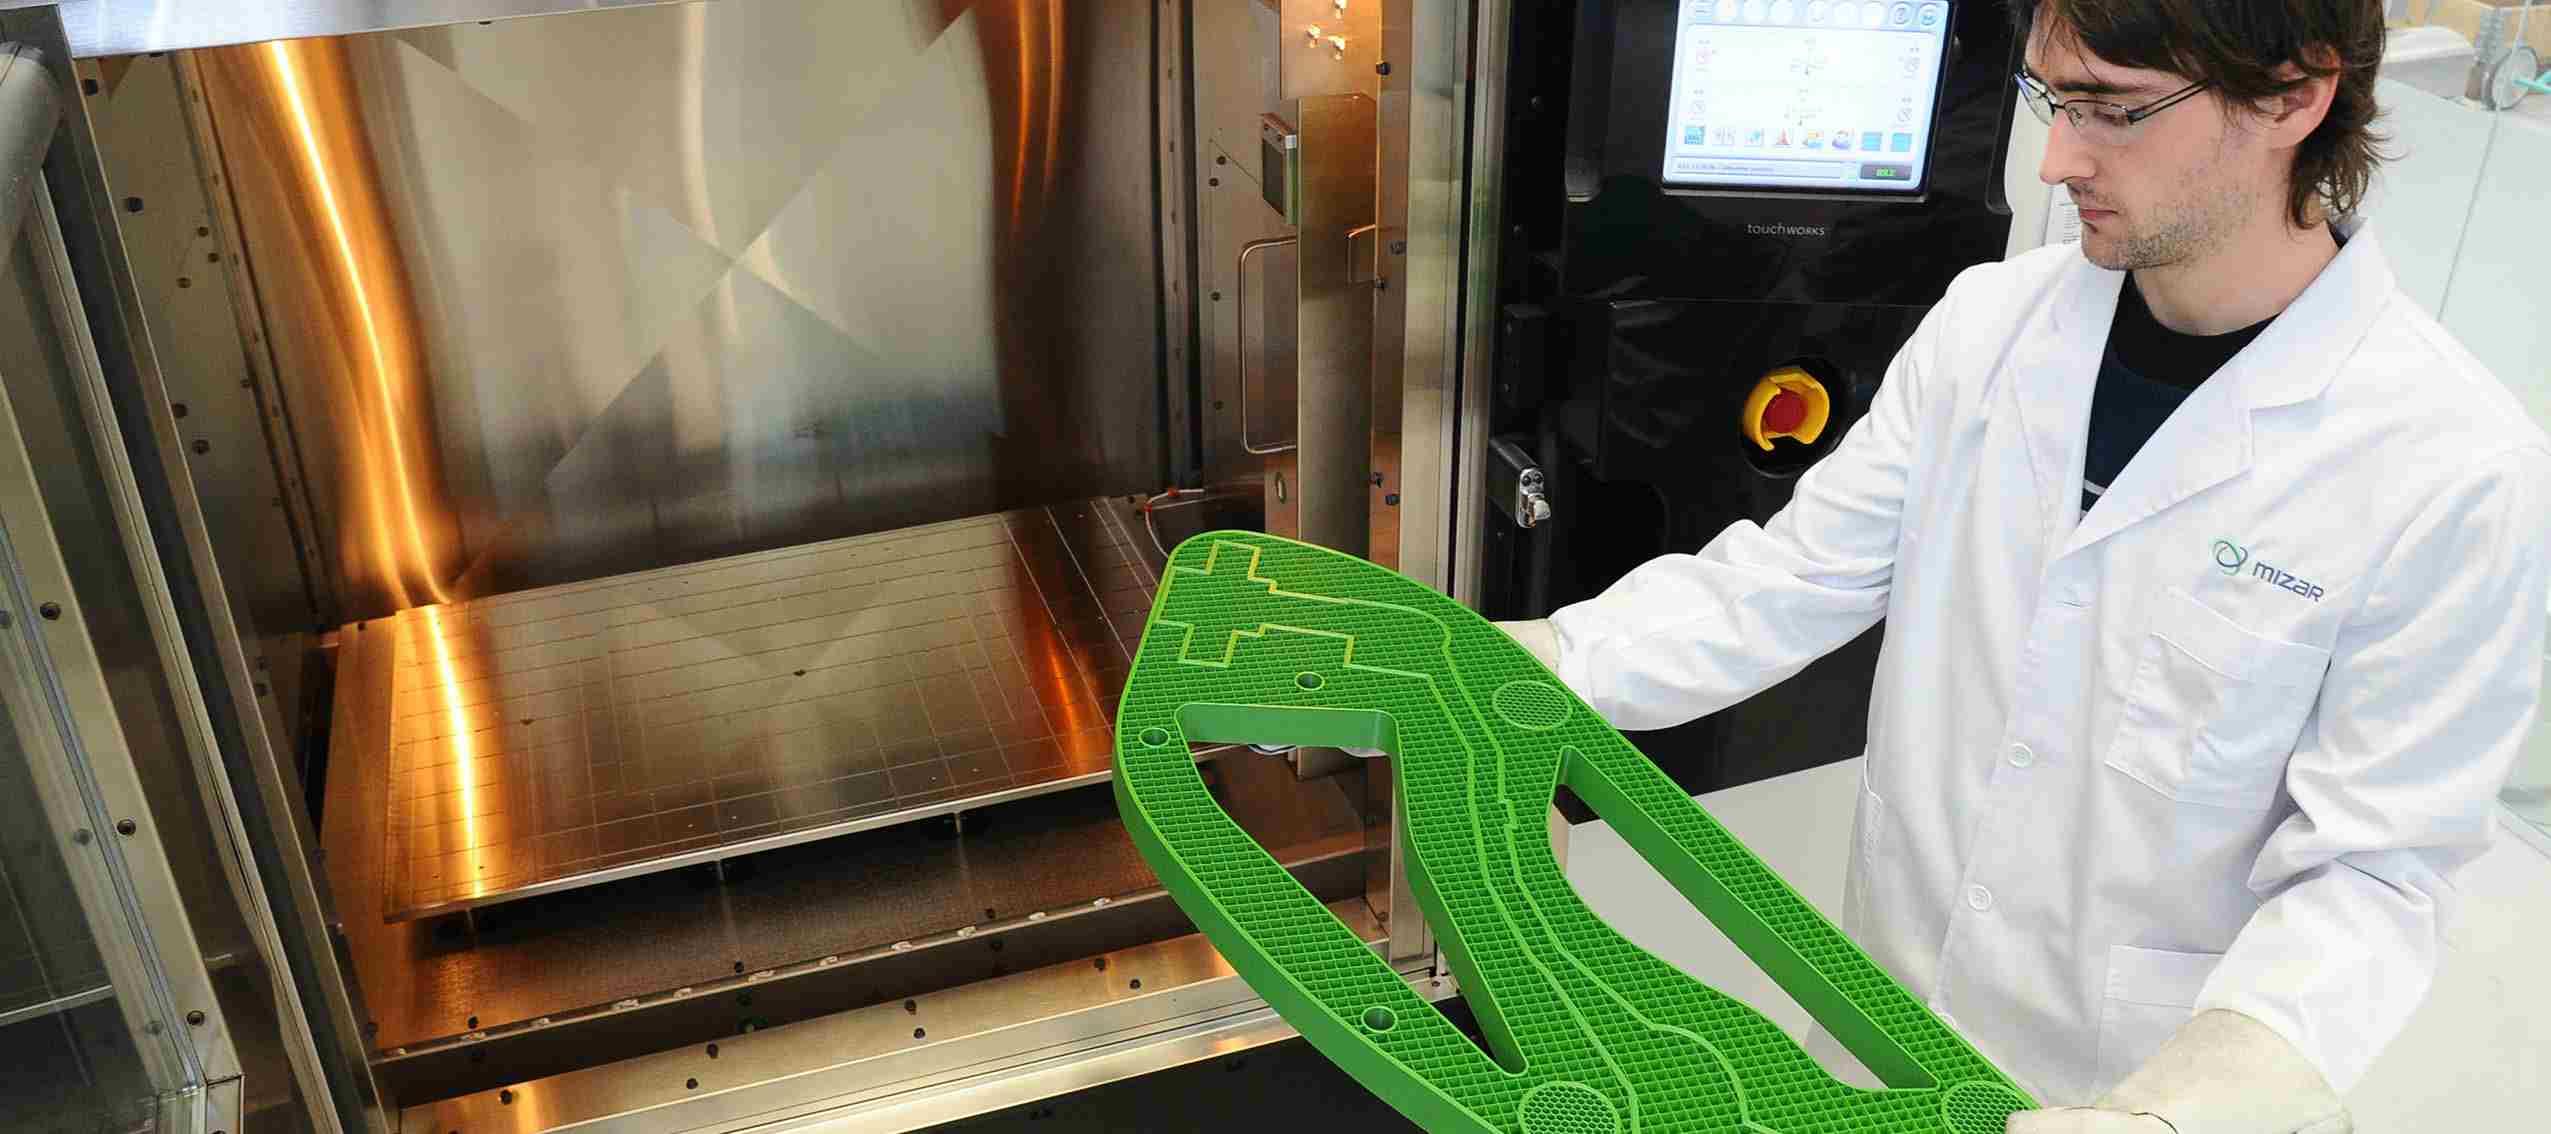 Mizar impulsa la industrialización de la fabricación aditiva en Addit3D